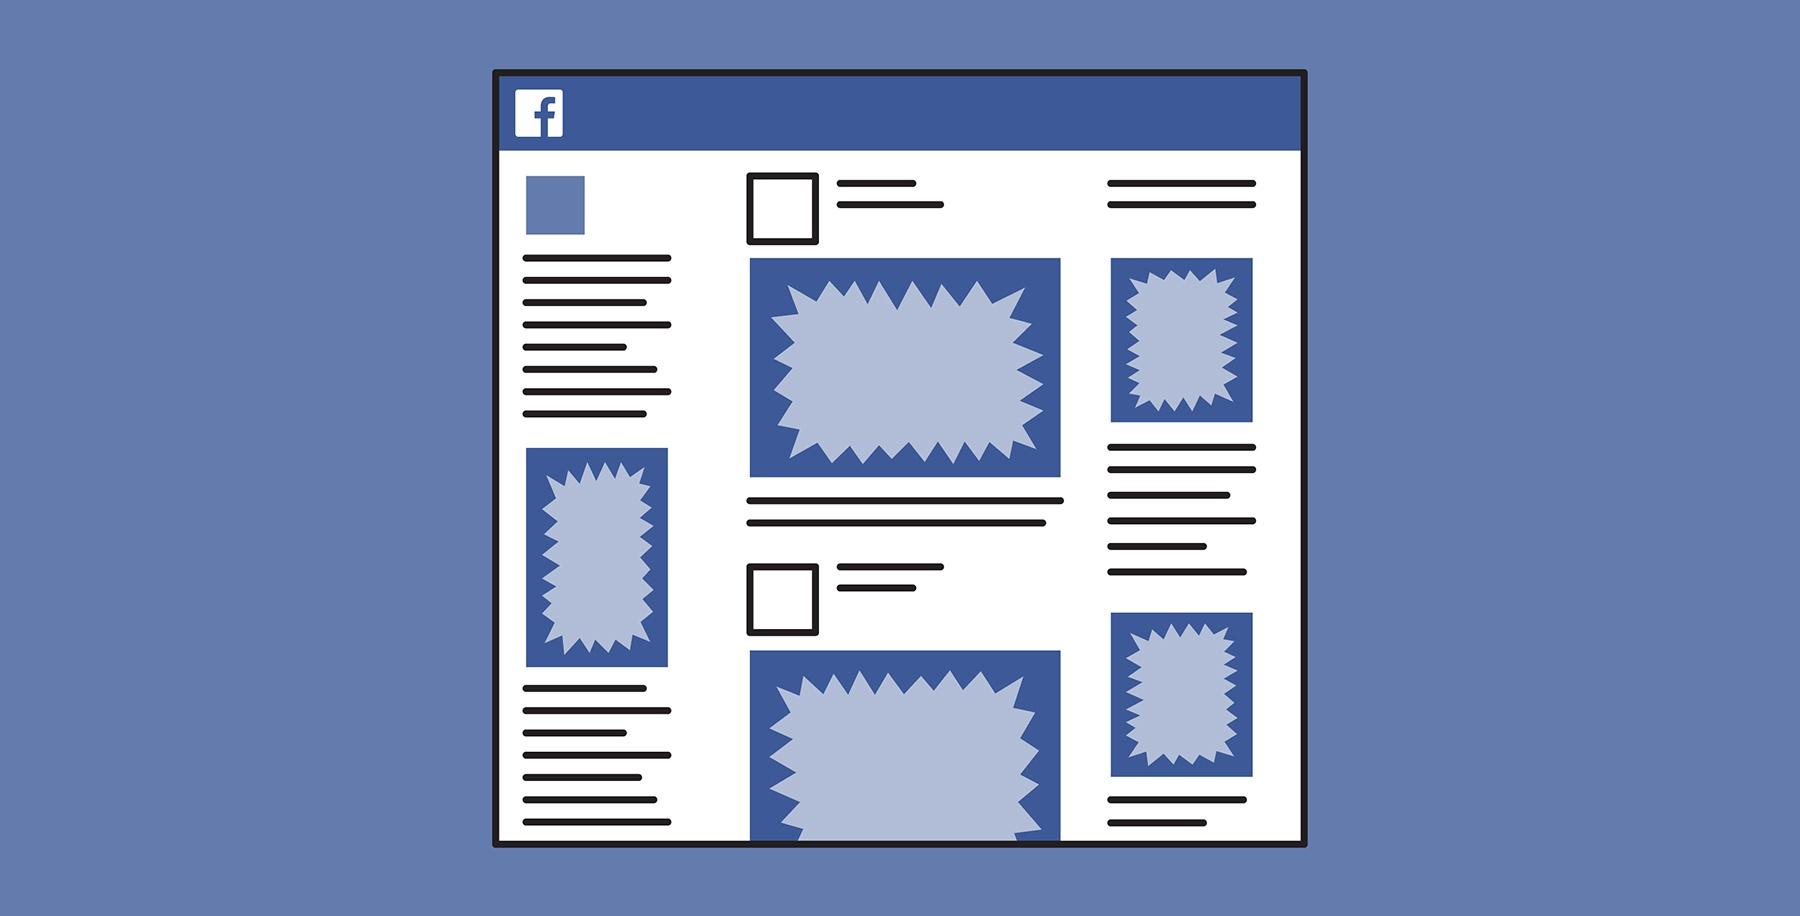 anuncios en facebook.jpg